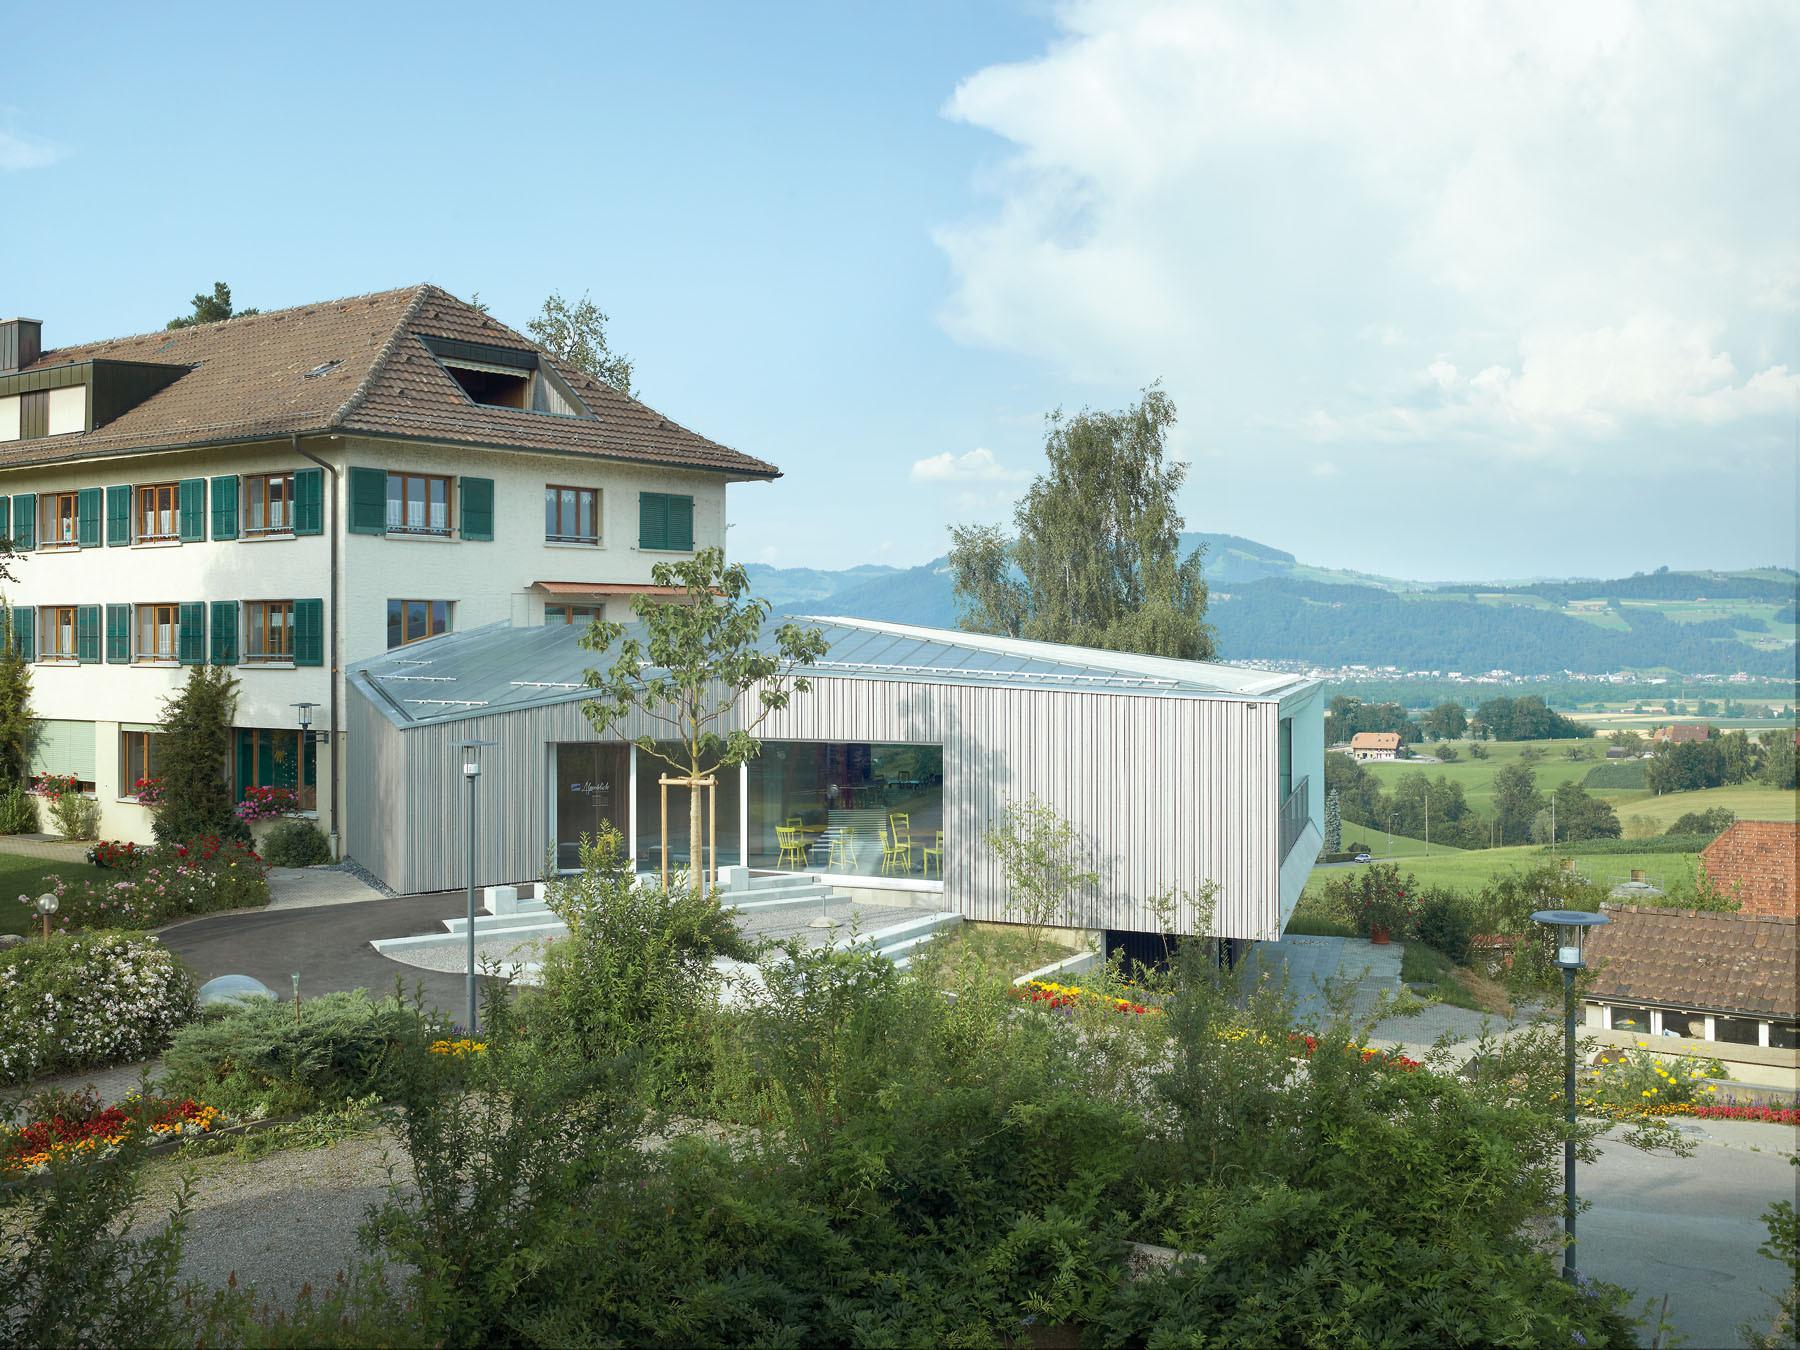 Alpenblick Restaurant / Büning-Pfaue Kartmann Architekten, © Ruedi Walti